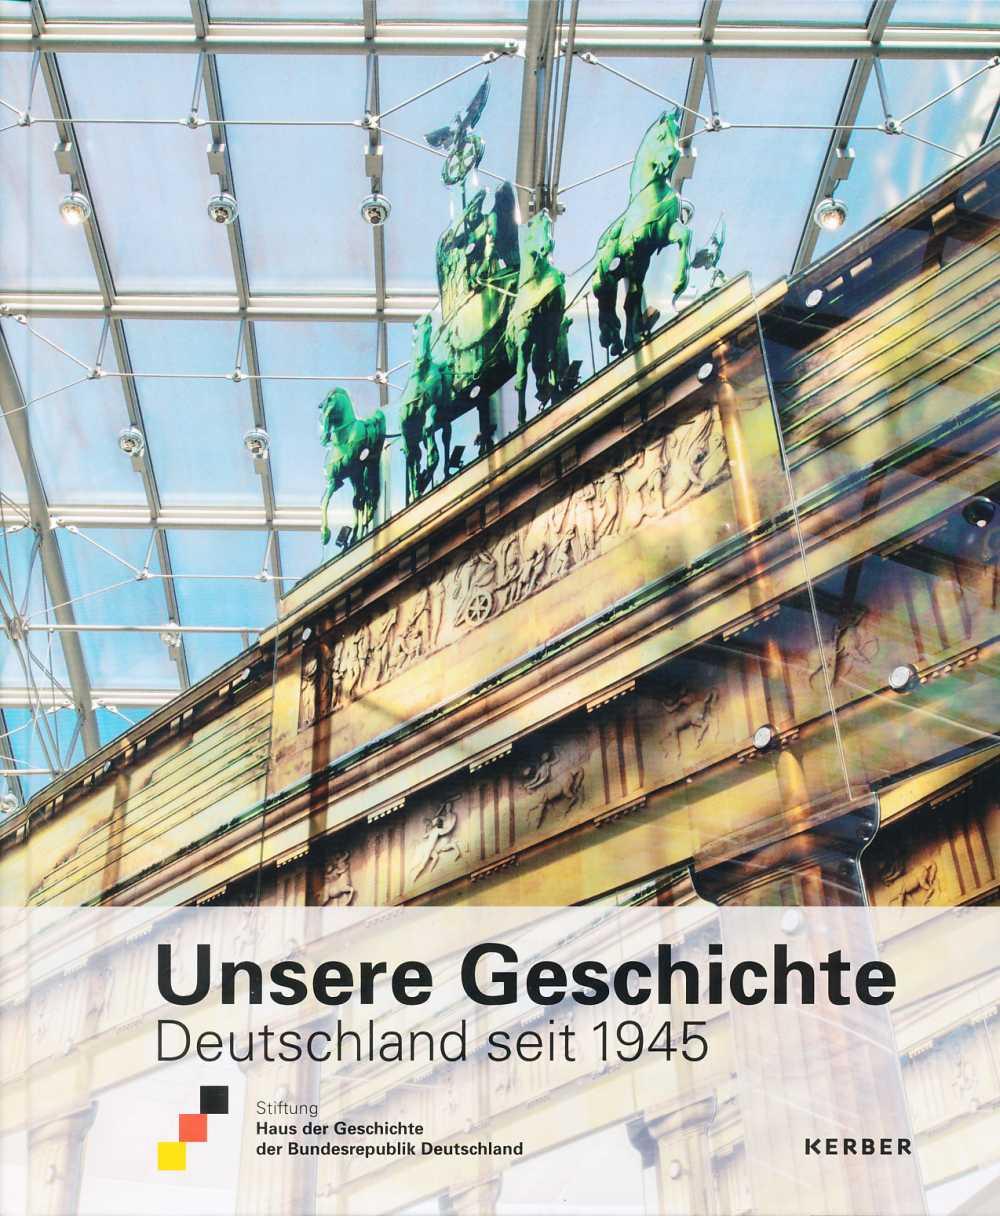 Das Buch zur Ausstellung Unsere Geschichte. Deutschland seit 1945 mit einem Kunstwerk in Form des Brandenburger Tors aus der Ausstellung auf dem Cover